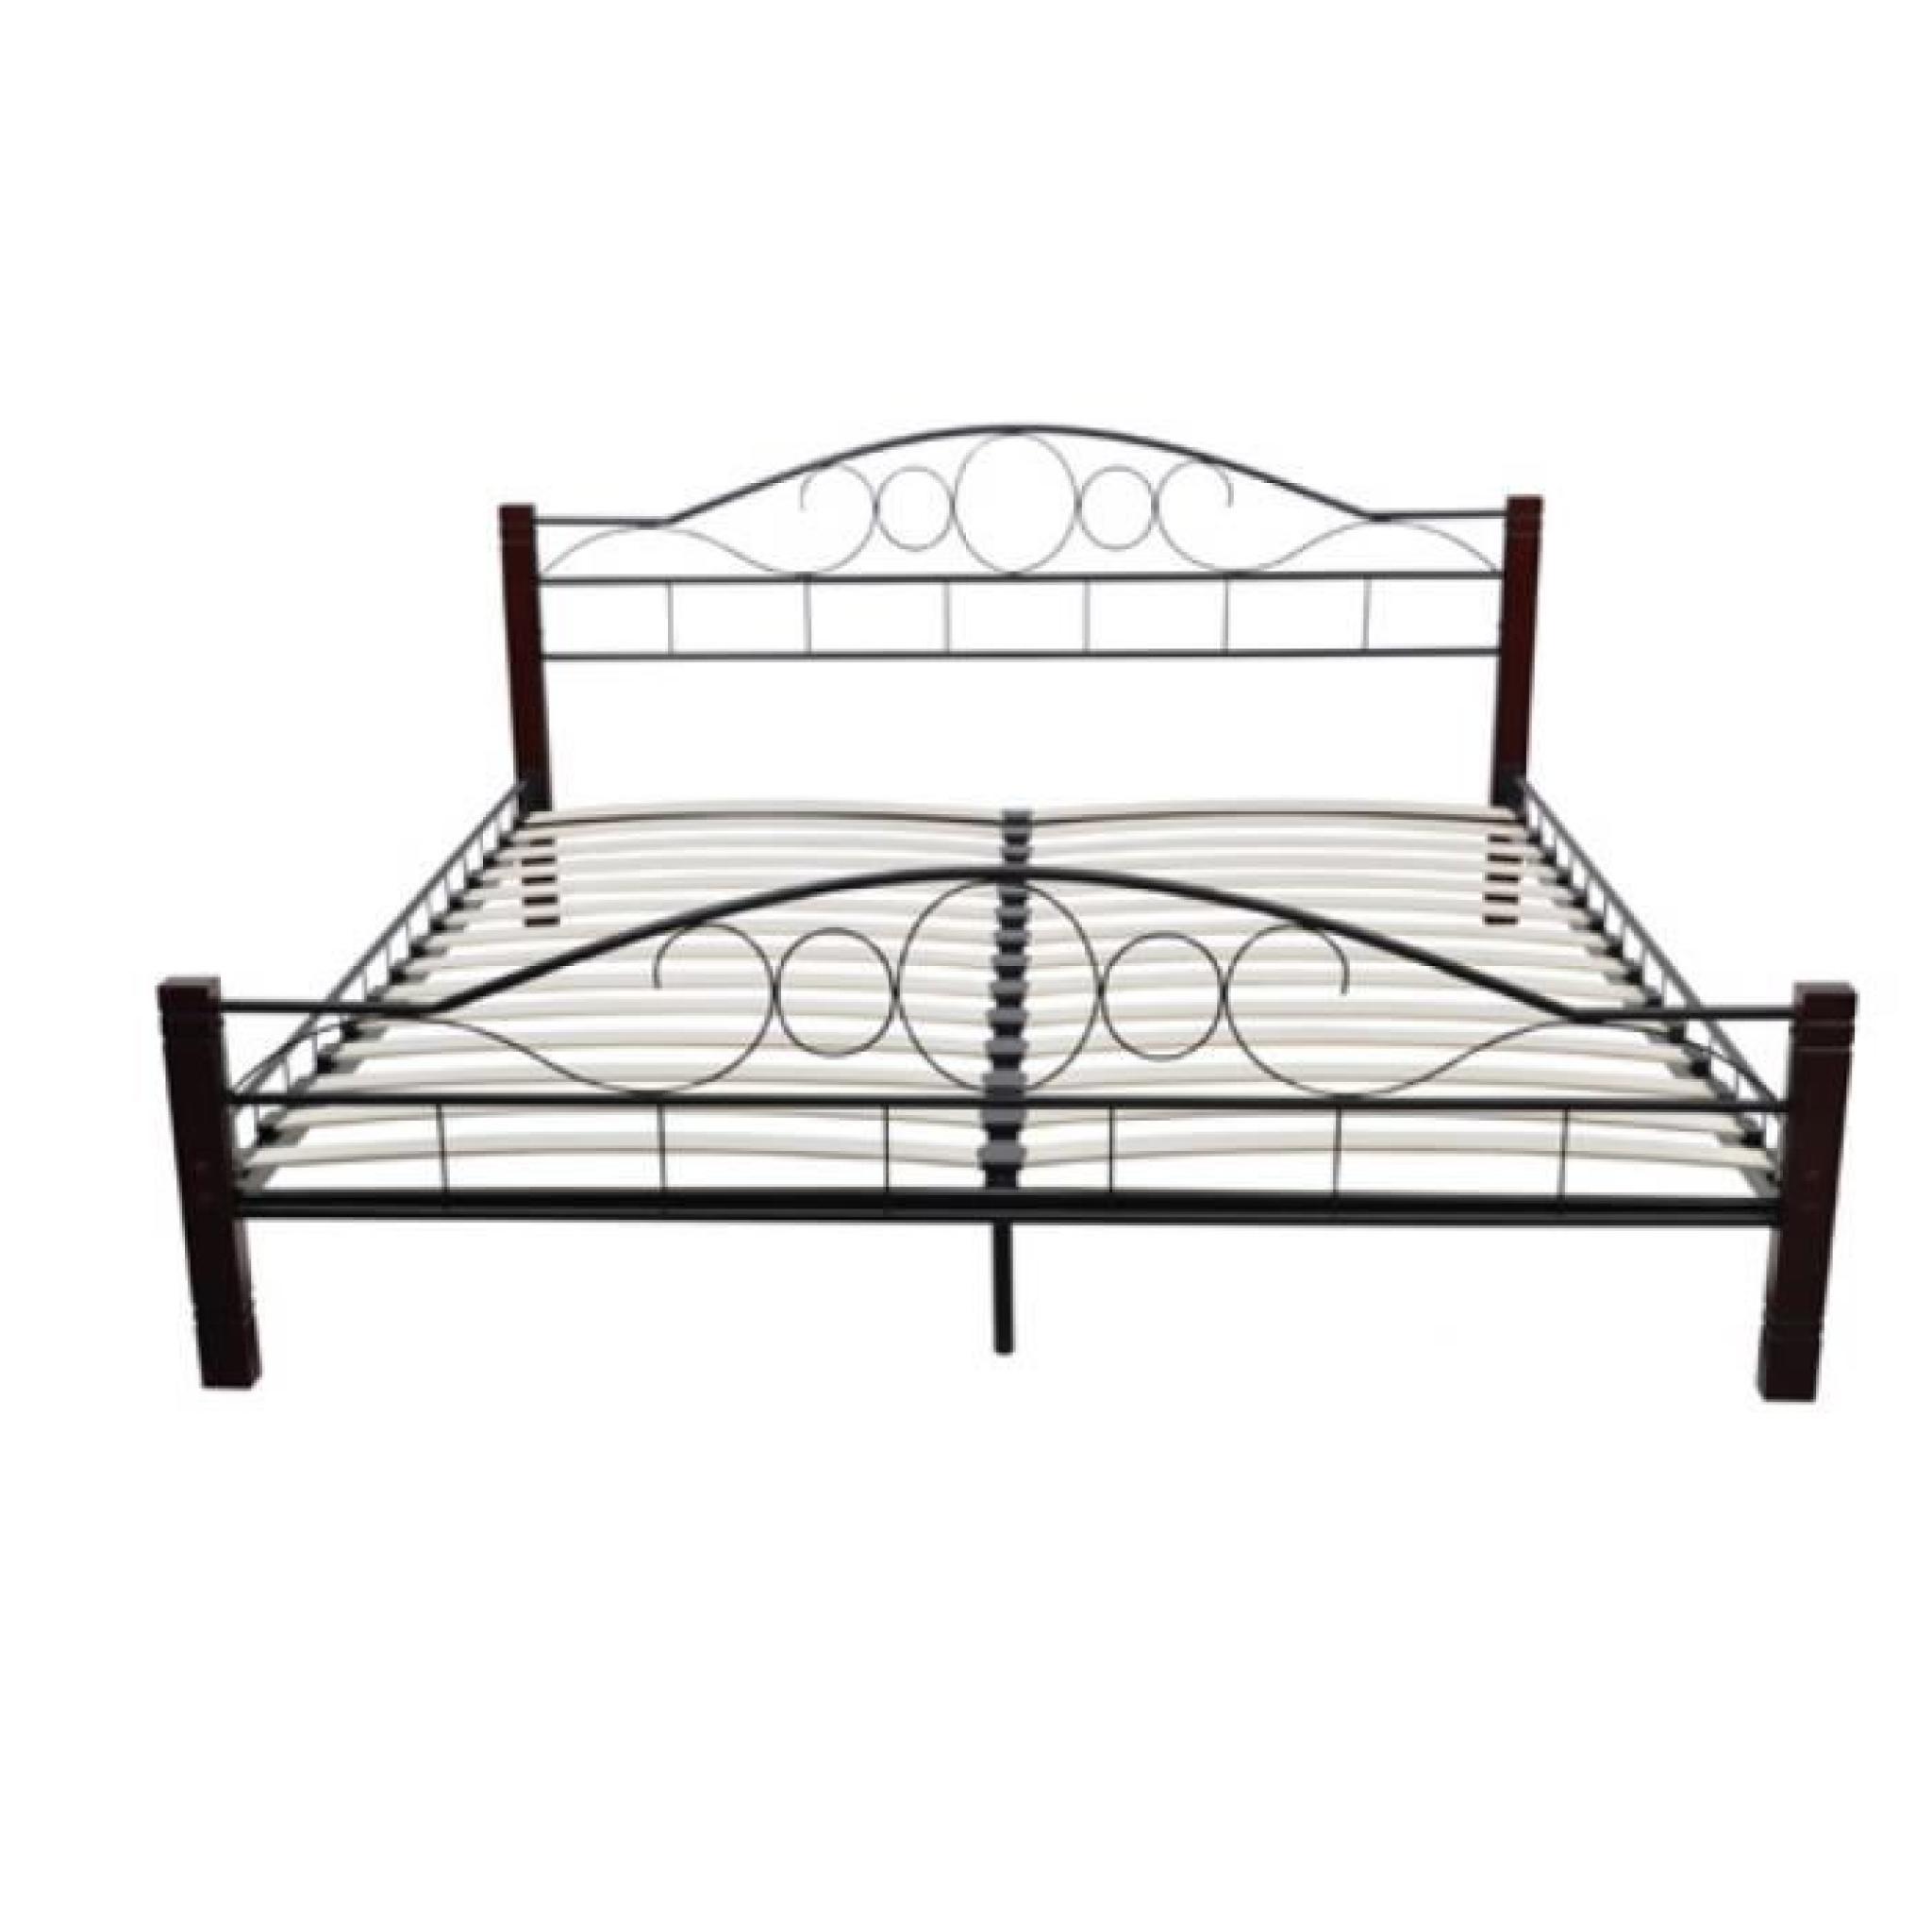 lit en m tal et pieds en bois 180 x 200 cm achat vente lit pas cher couleur et. Black Bedroom Furniture Sets. Home Design Ideas